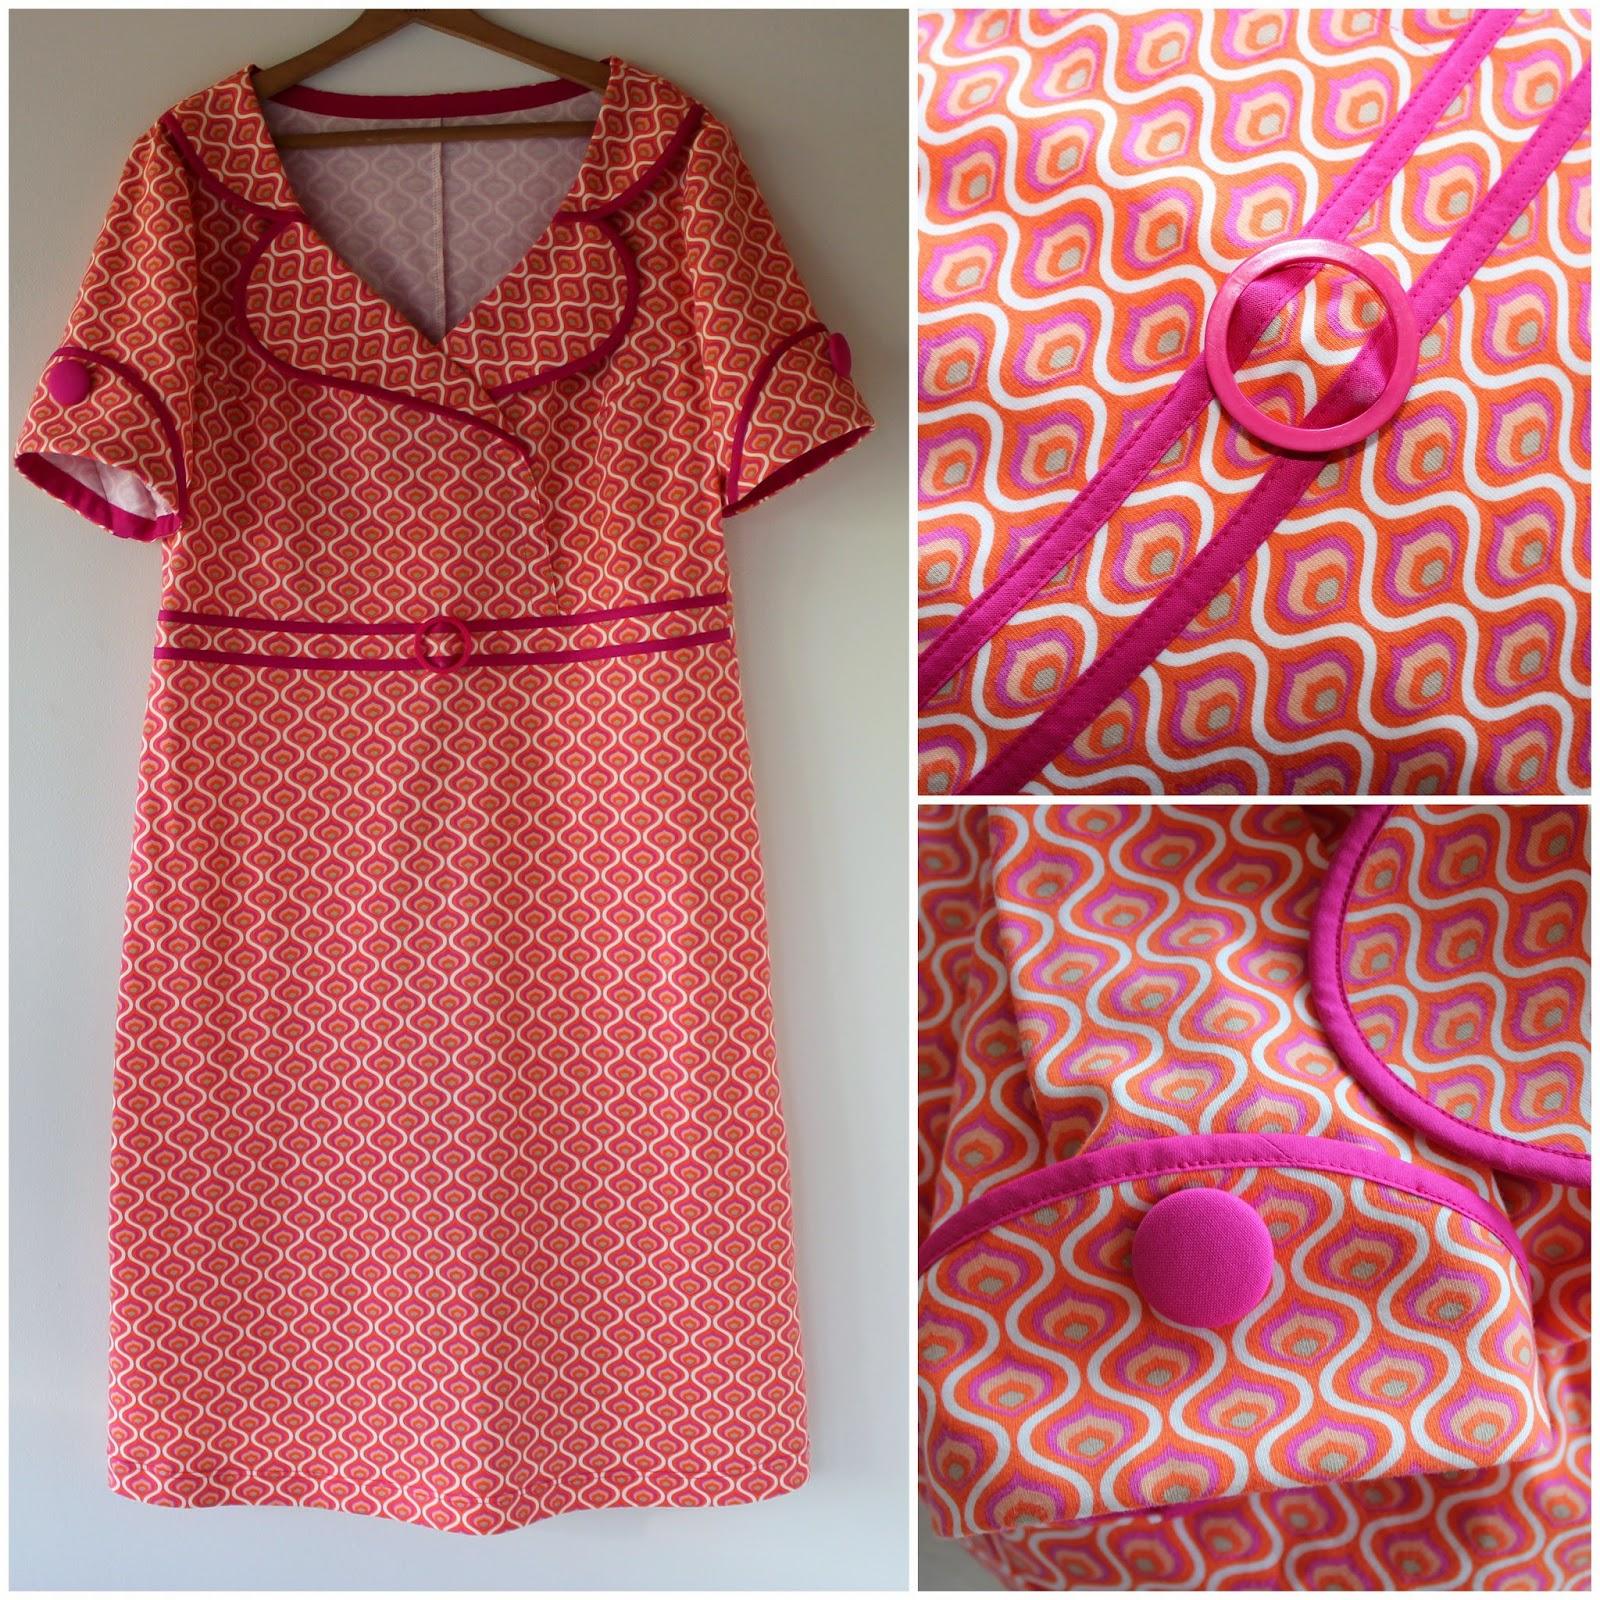 443ee2280f0c Jeg har været igang med at sy kjoler i det lækreste bomulds jersey. Mønster  er det samme som til min national kjole